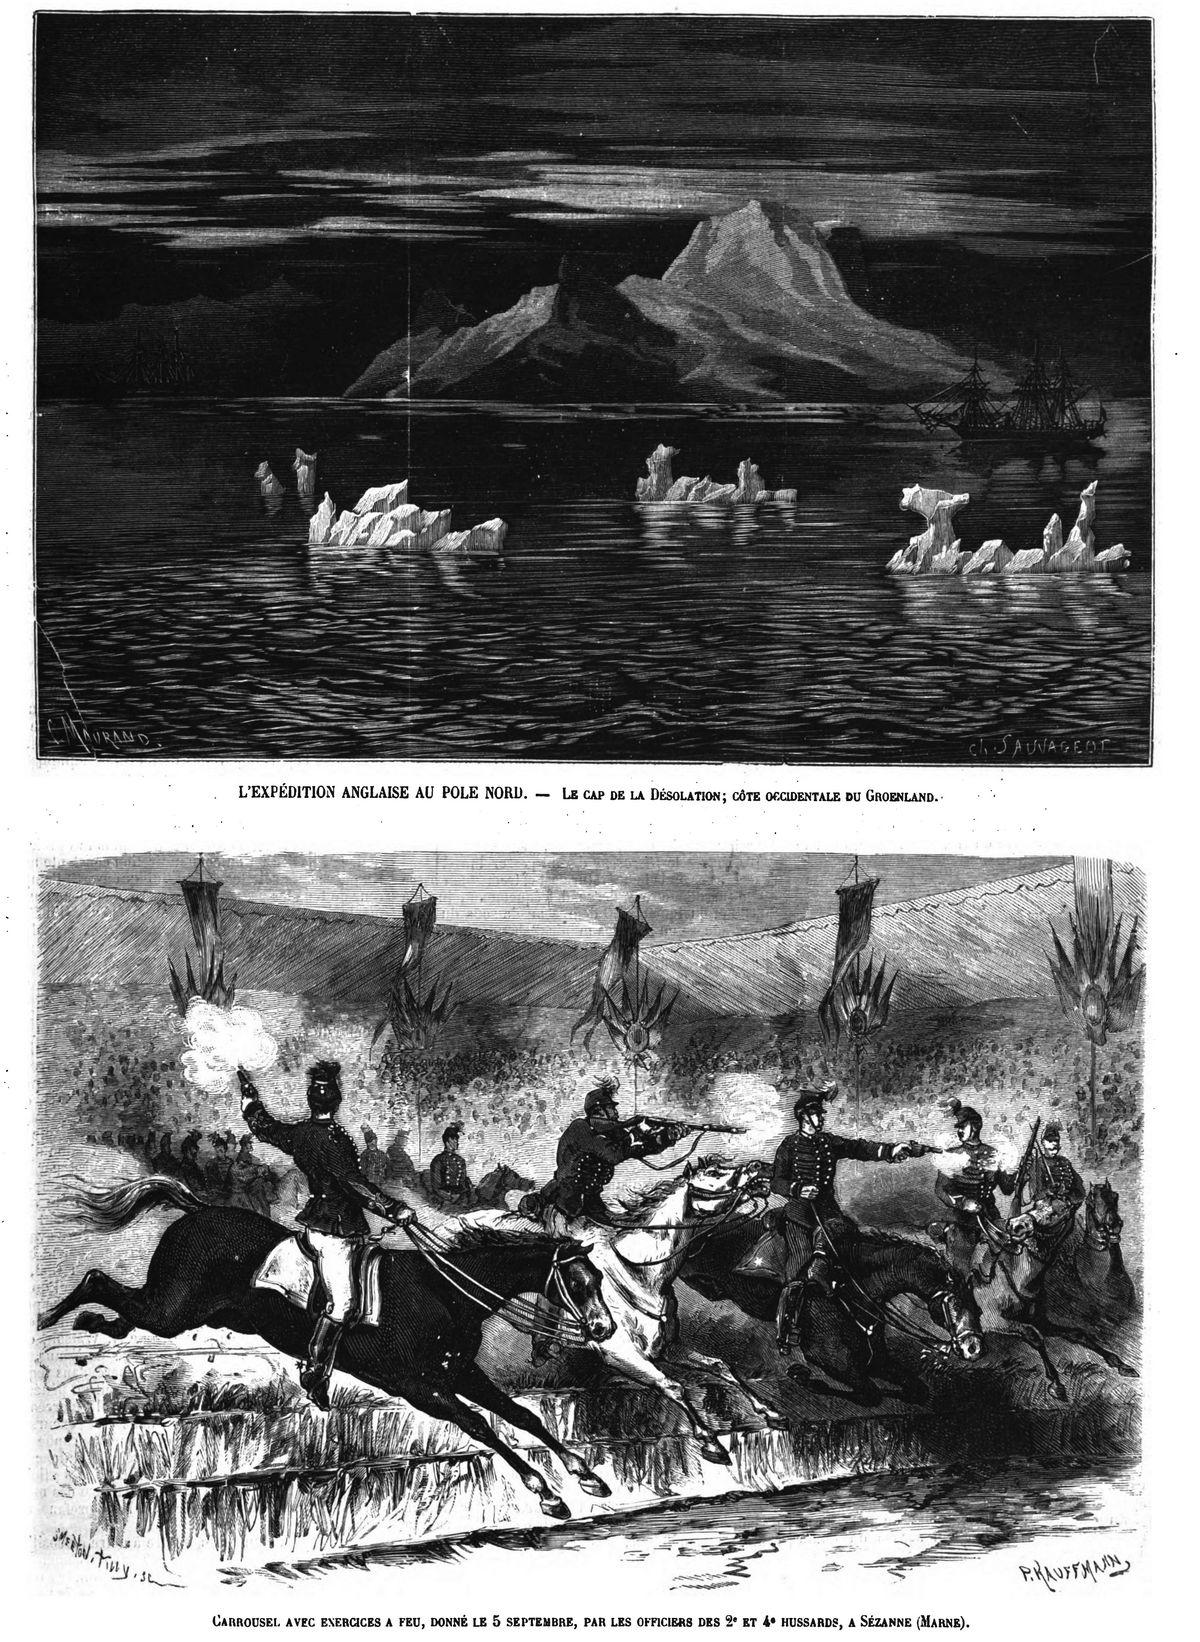 Le cap de la Désolation; côte occidentale du Groenland. 1875 — Carrousel donné à Sézanne 1875